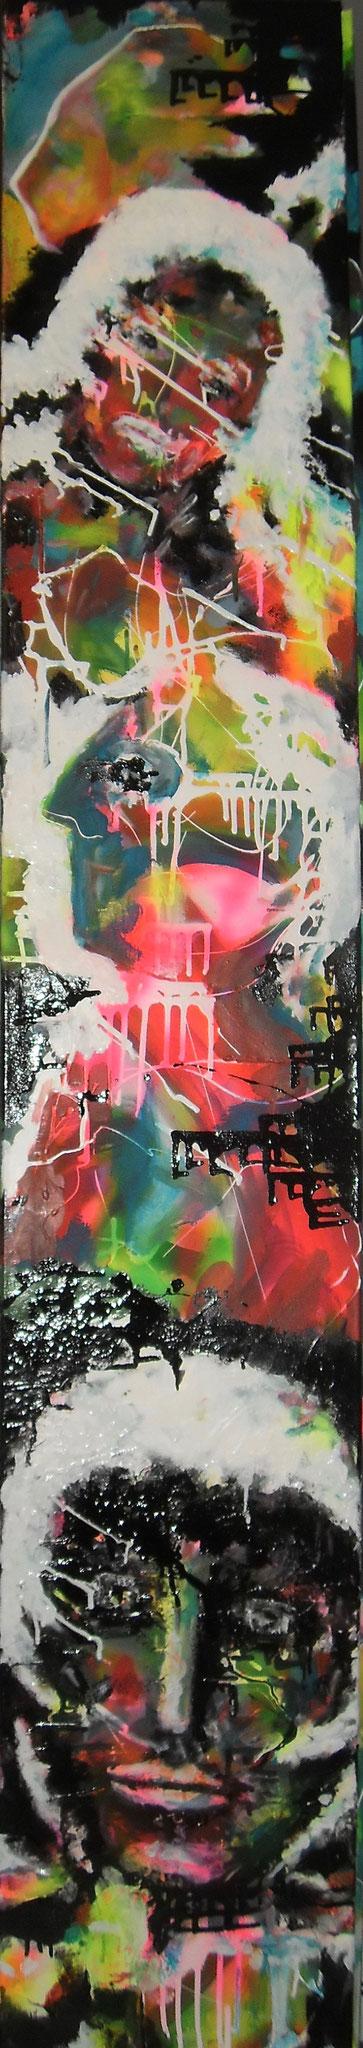 Électrisés - 180x30 - 2016